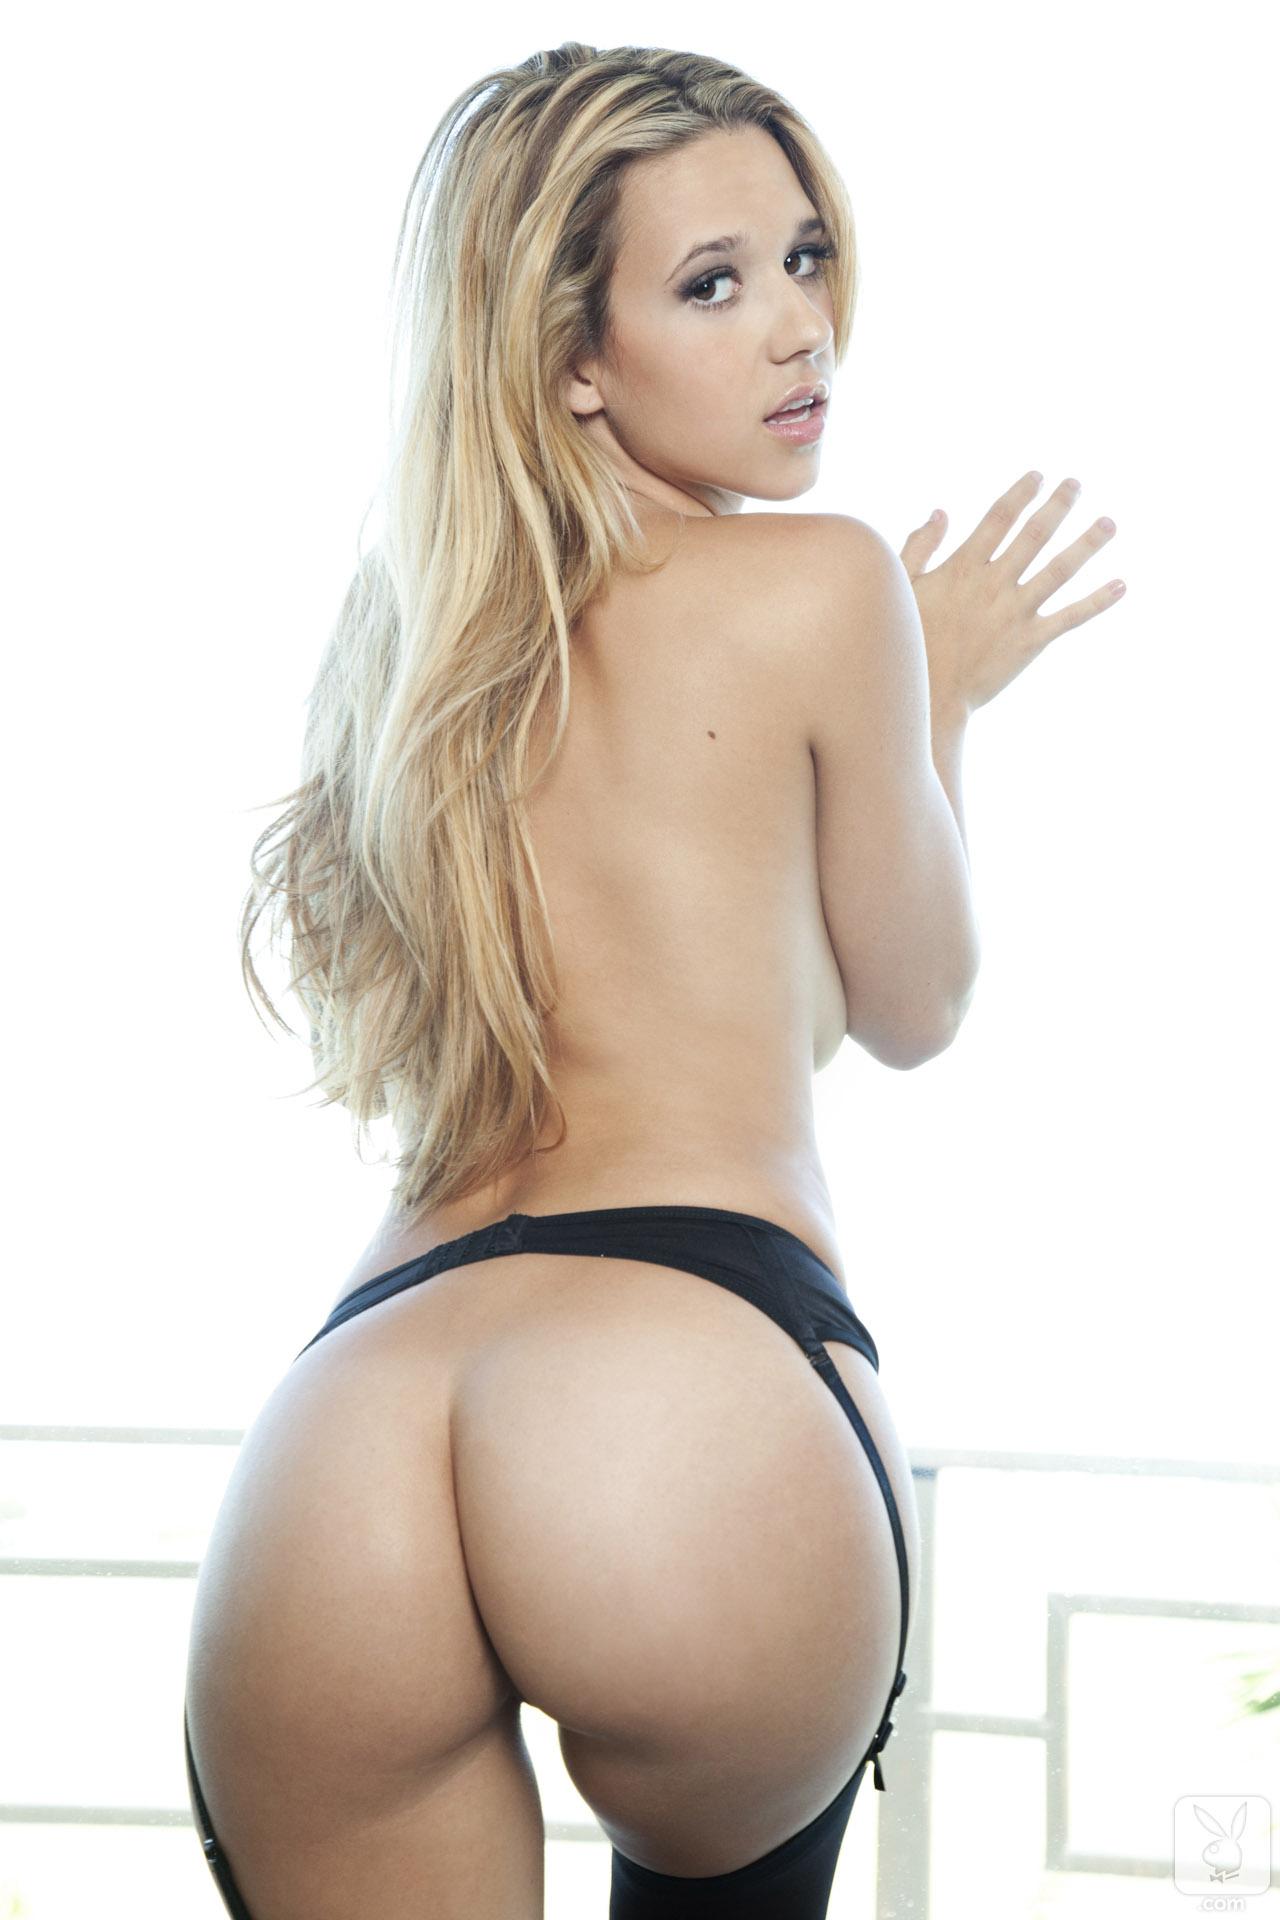 Foxy jacky naked ass pussy fucked